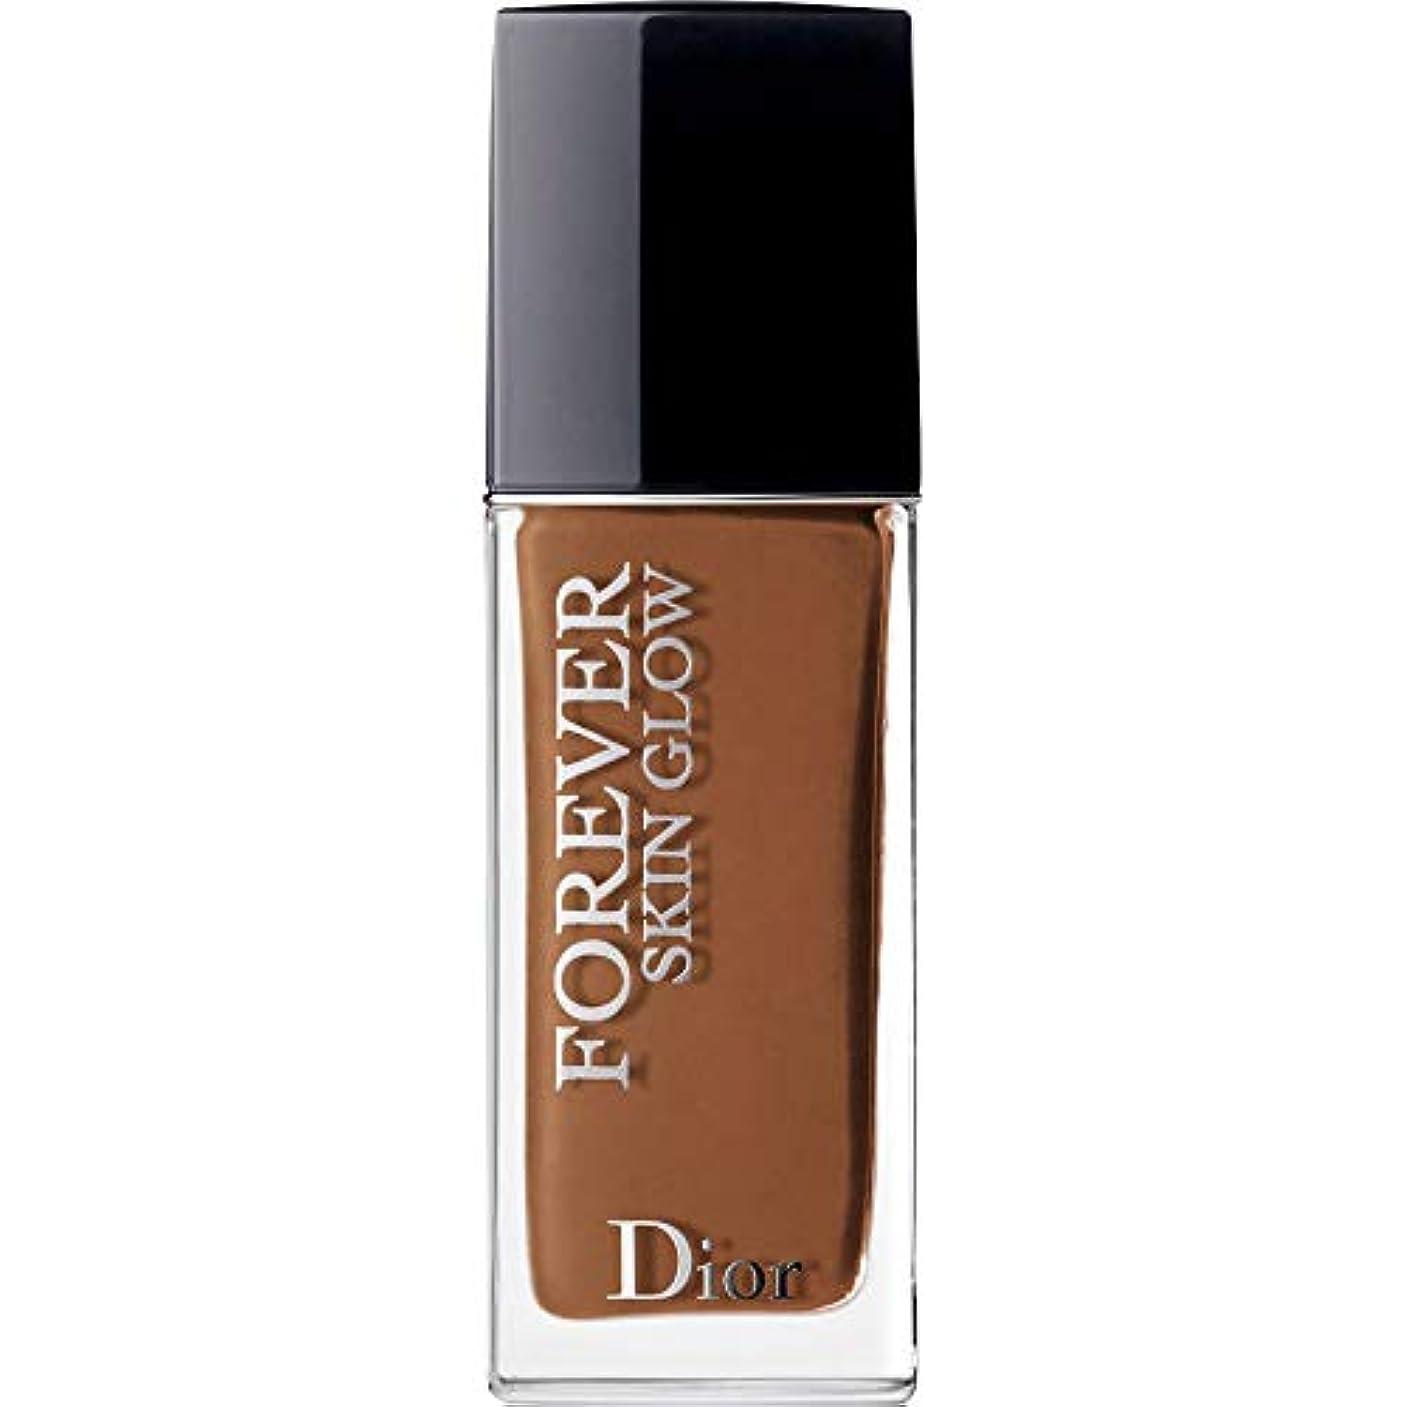 生まれ溶岩マカダム[Dior ] ディオール永遠に皮膚グロー皮膚思いやりの基礎Spf35 30ミリリットルの8N - ニュートラル(肌の輝き) - DIOR Forever Skin Glow Skin-Caring Foundation...